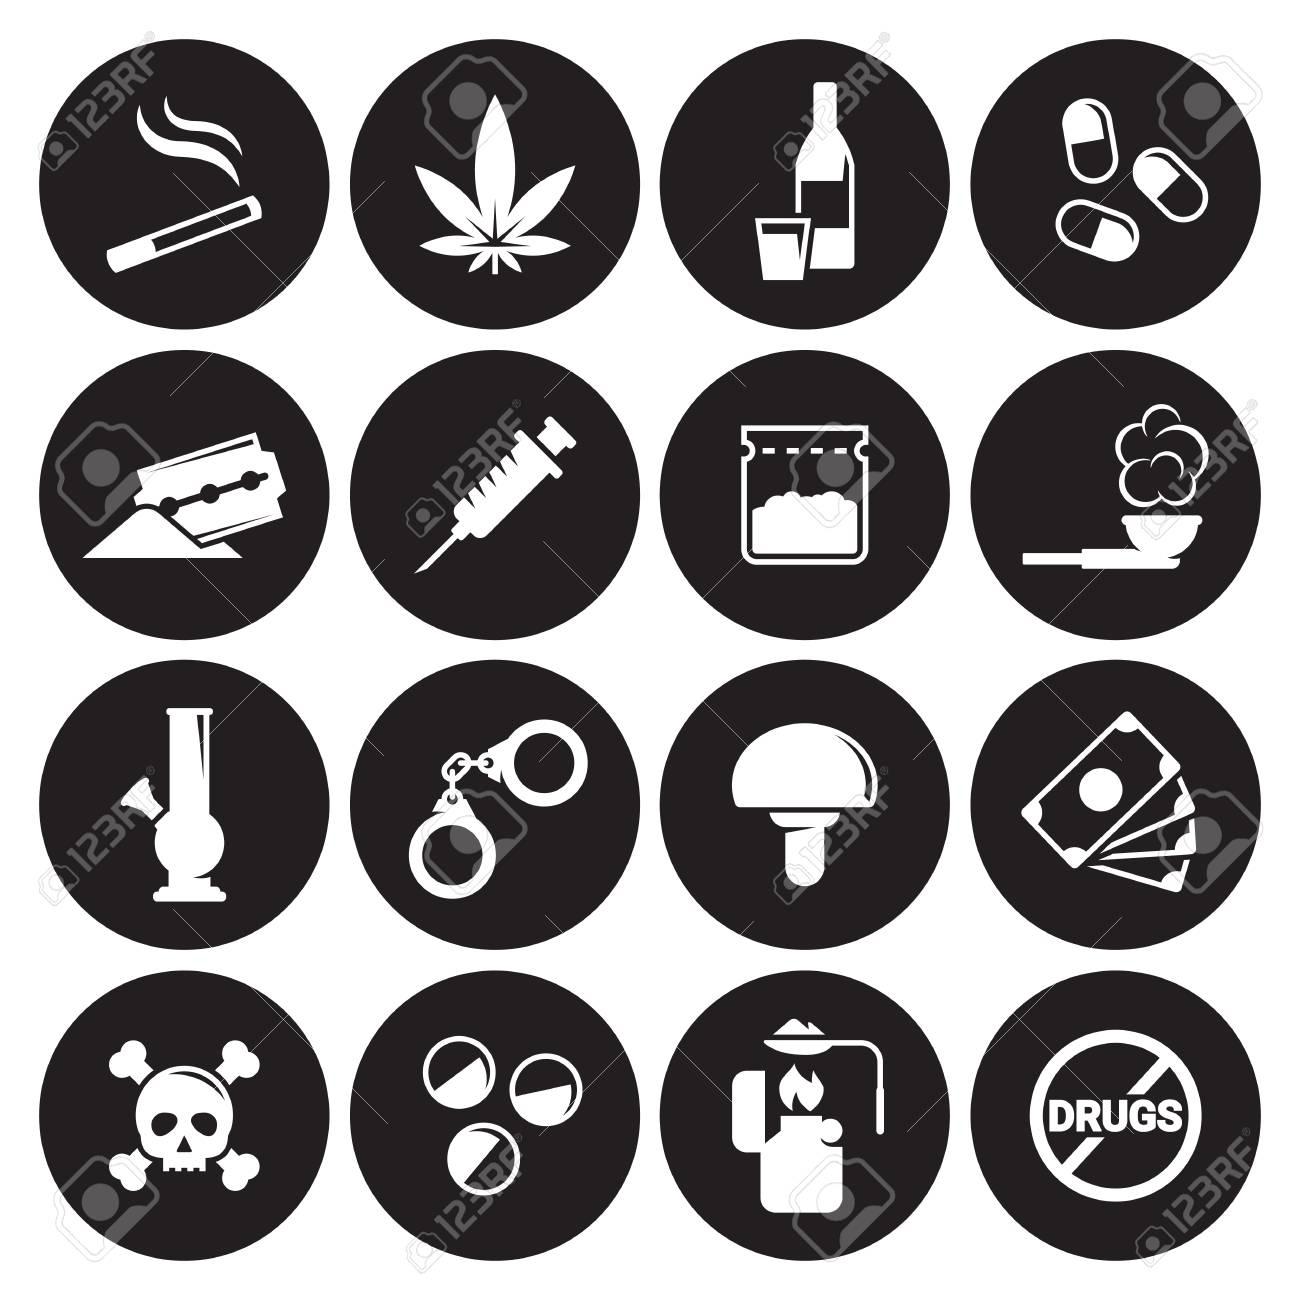 Iconos De Drogas Mono Vector Símbolos Blanco Sobre Fondo Negro